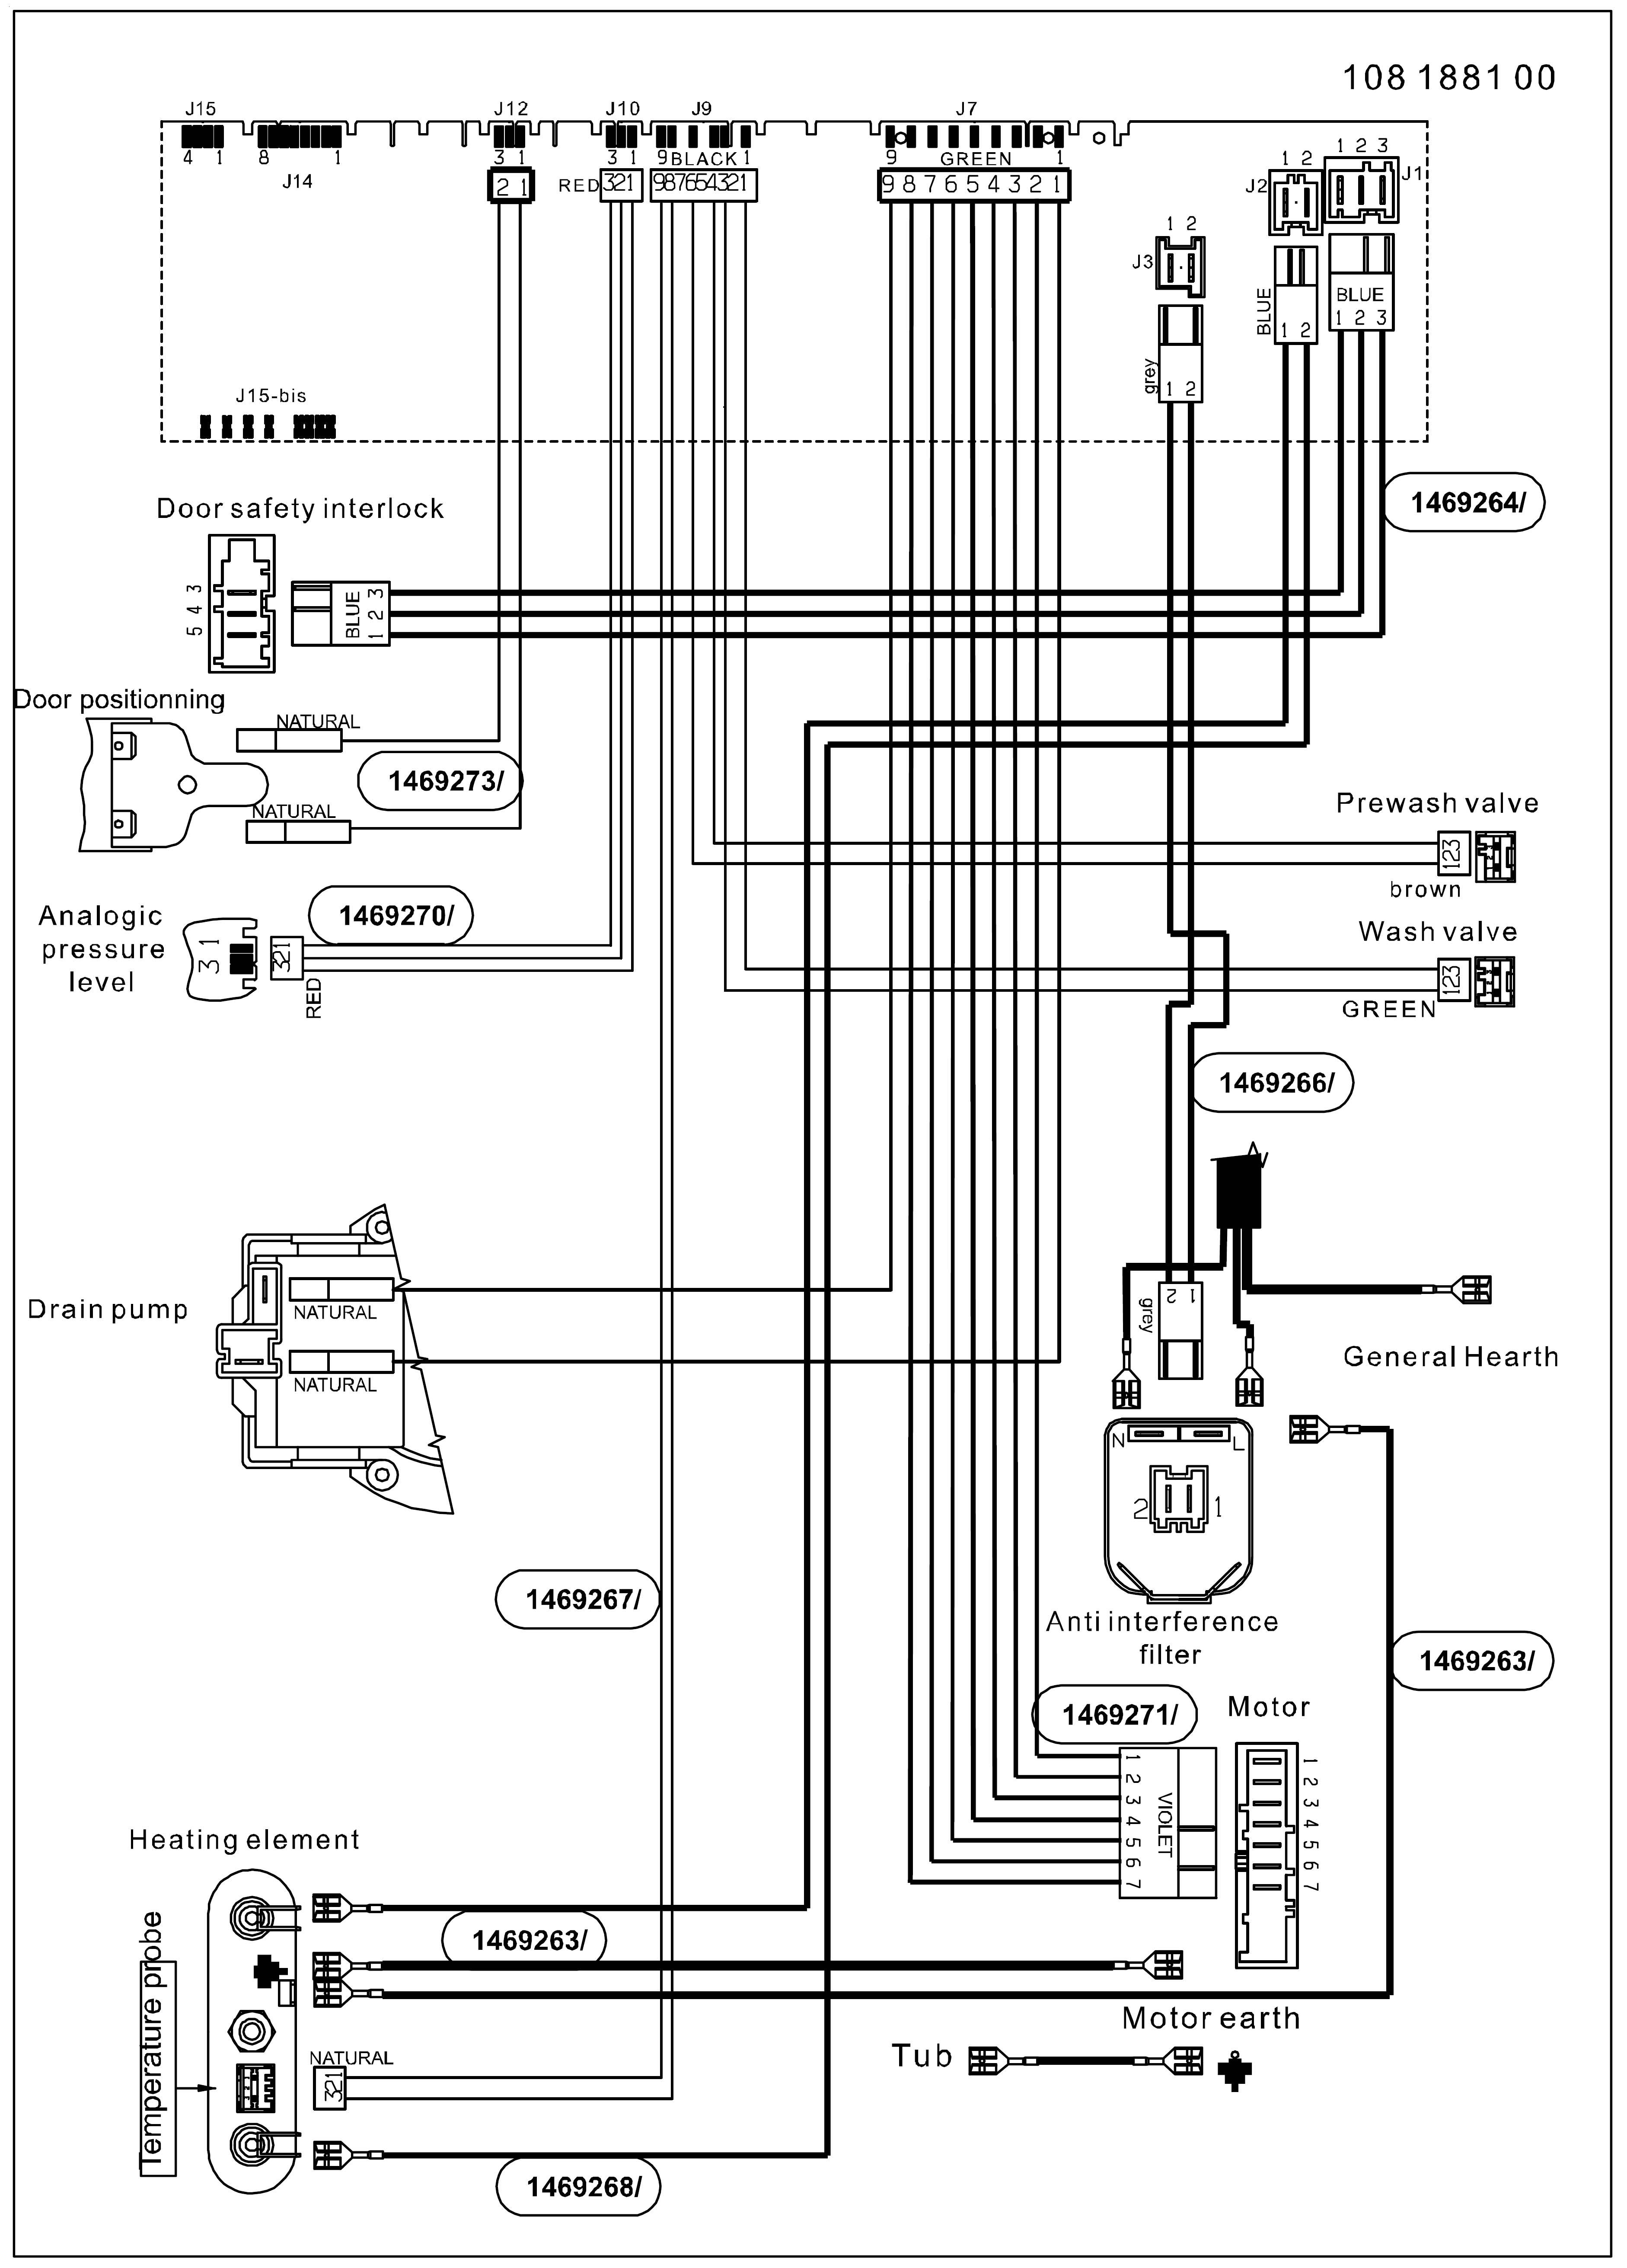 инструкция по подключению посудомойки electrolux